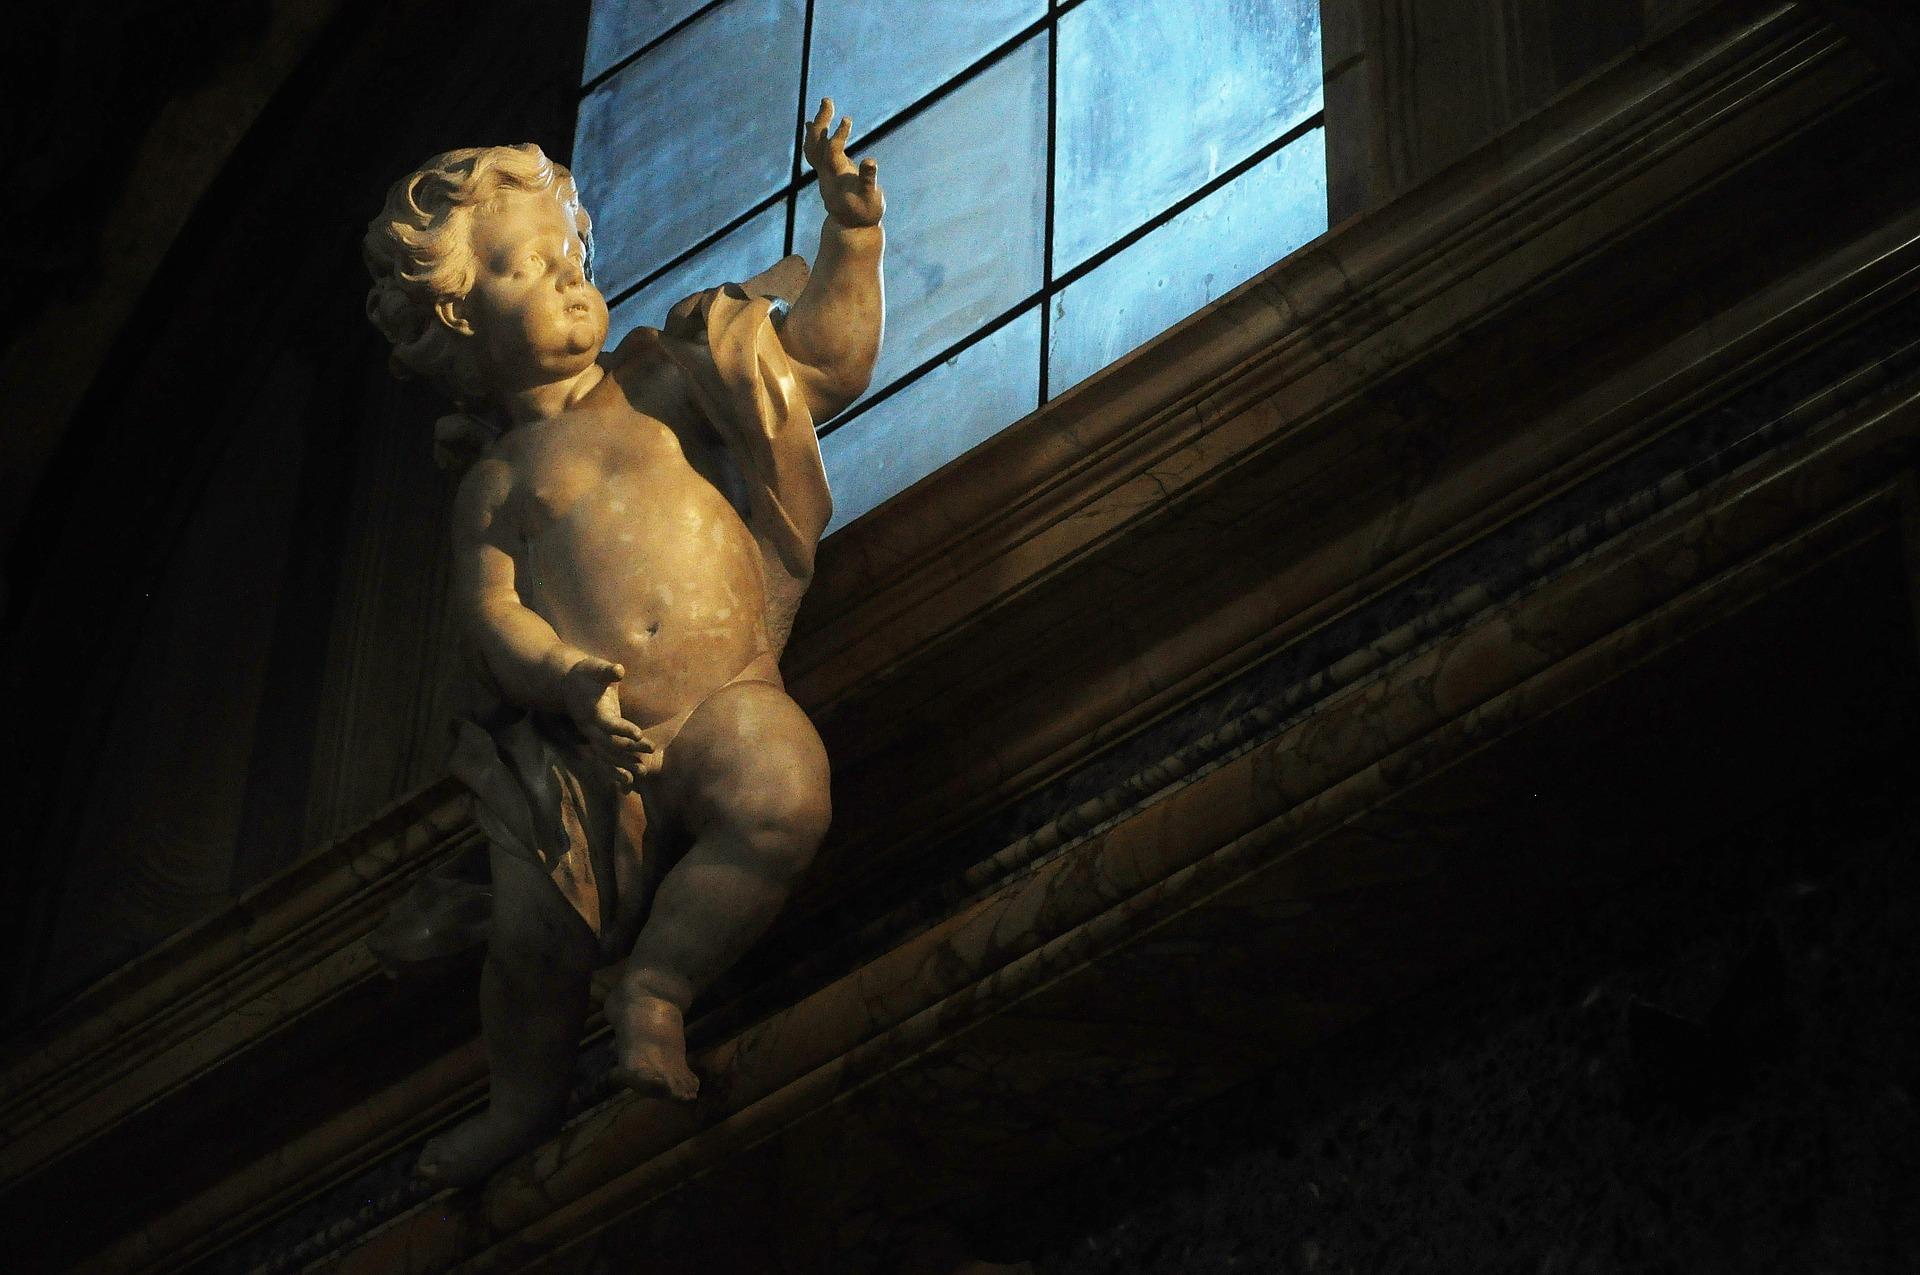 Стрелы Амура: новую выставку анонсировали в музее-заповеднике «Царицыно»